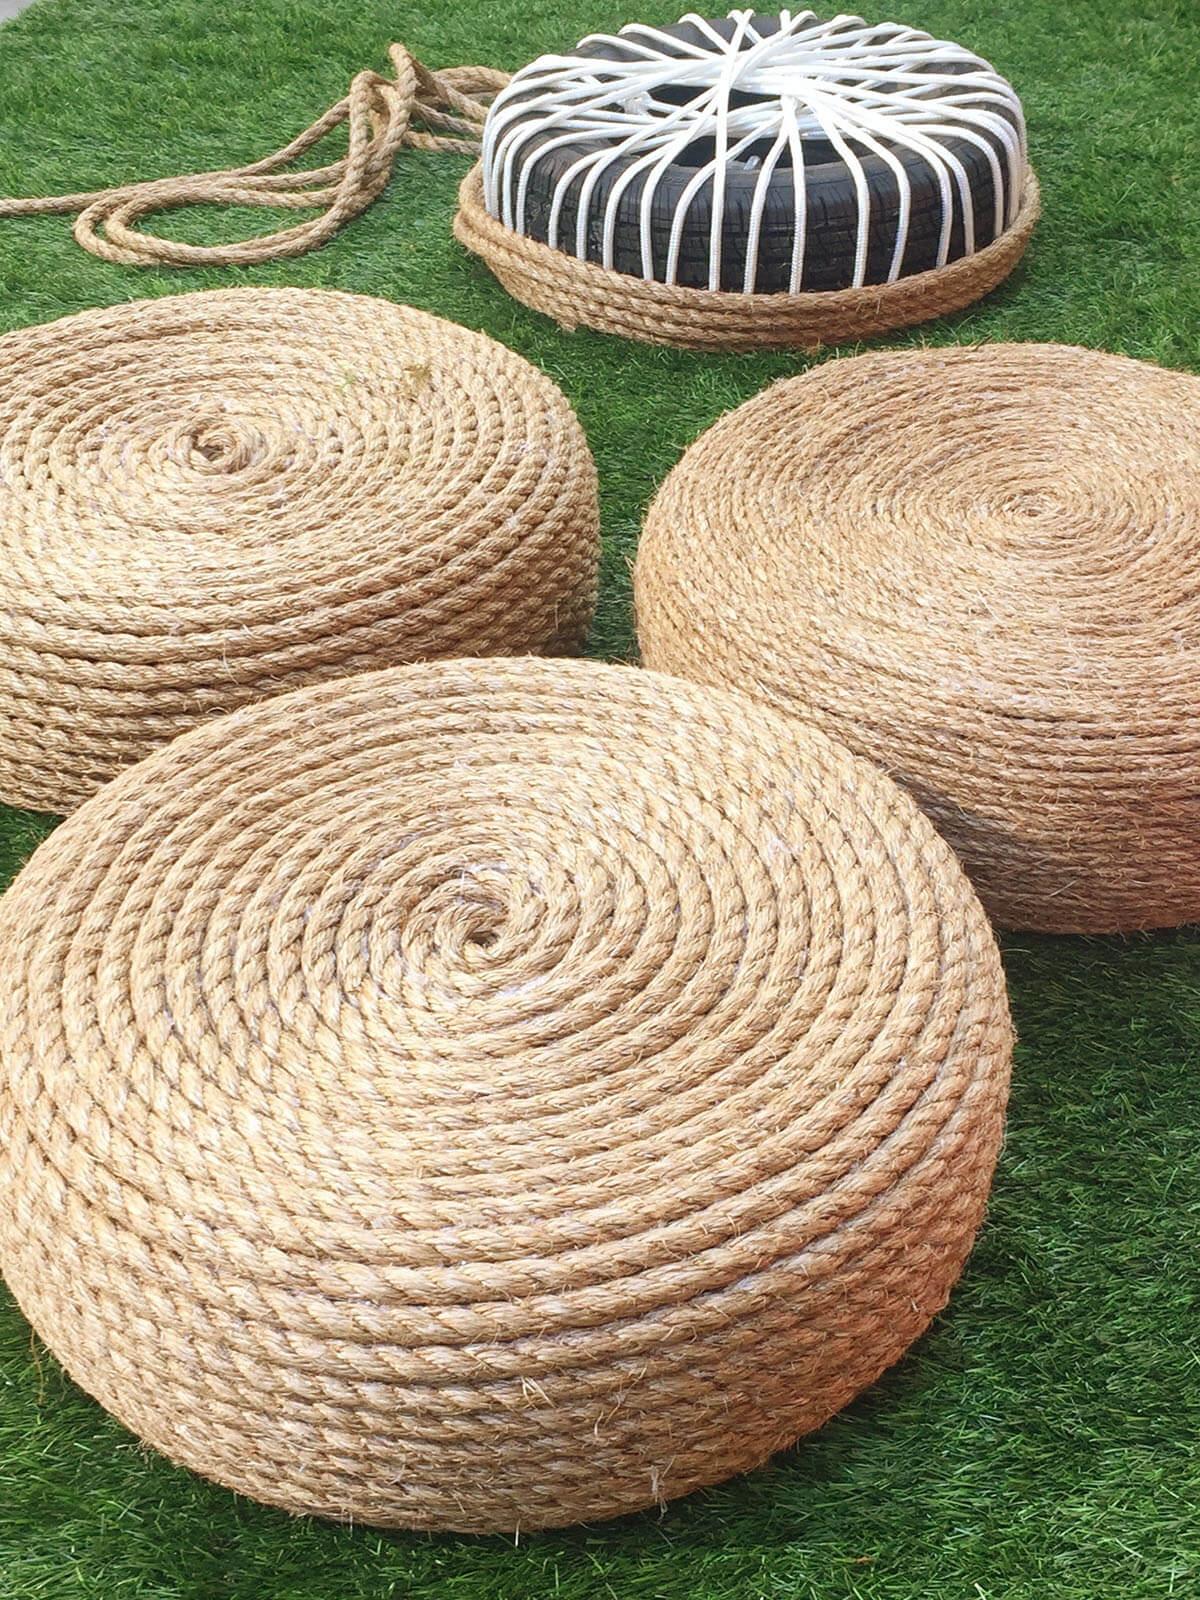 Sièges de pneu de corde en spirale pour l'extérieur